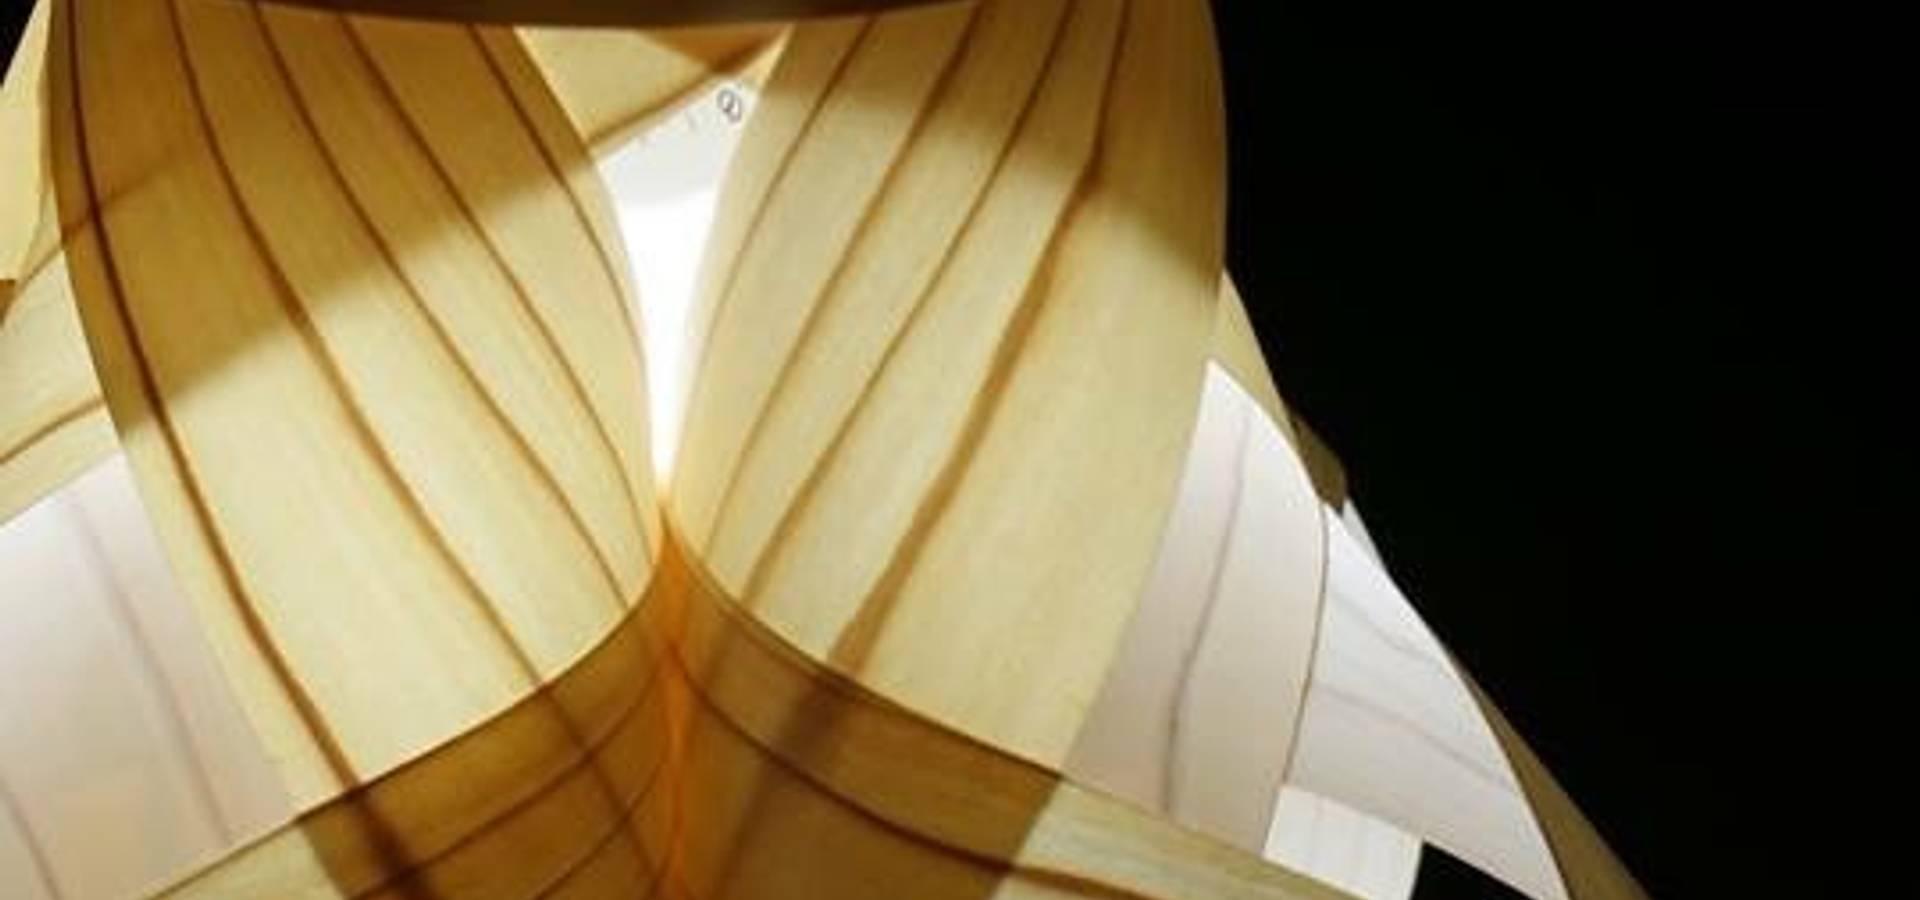 UP-A mobiliario por Jorge Torres y Mariana Verdiguel